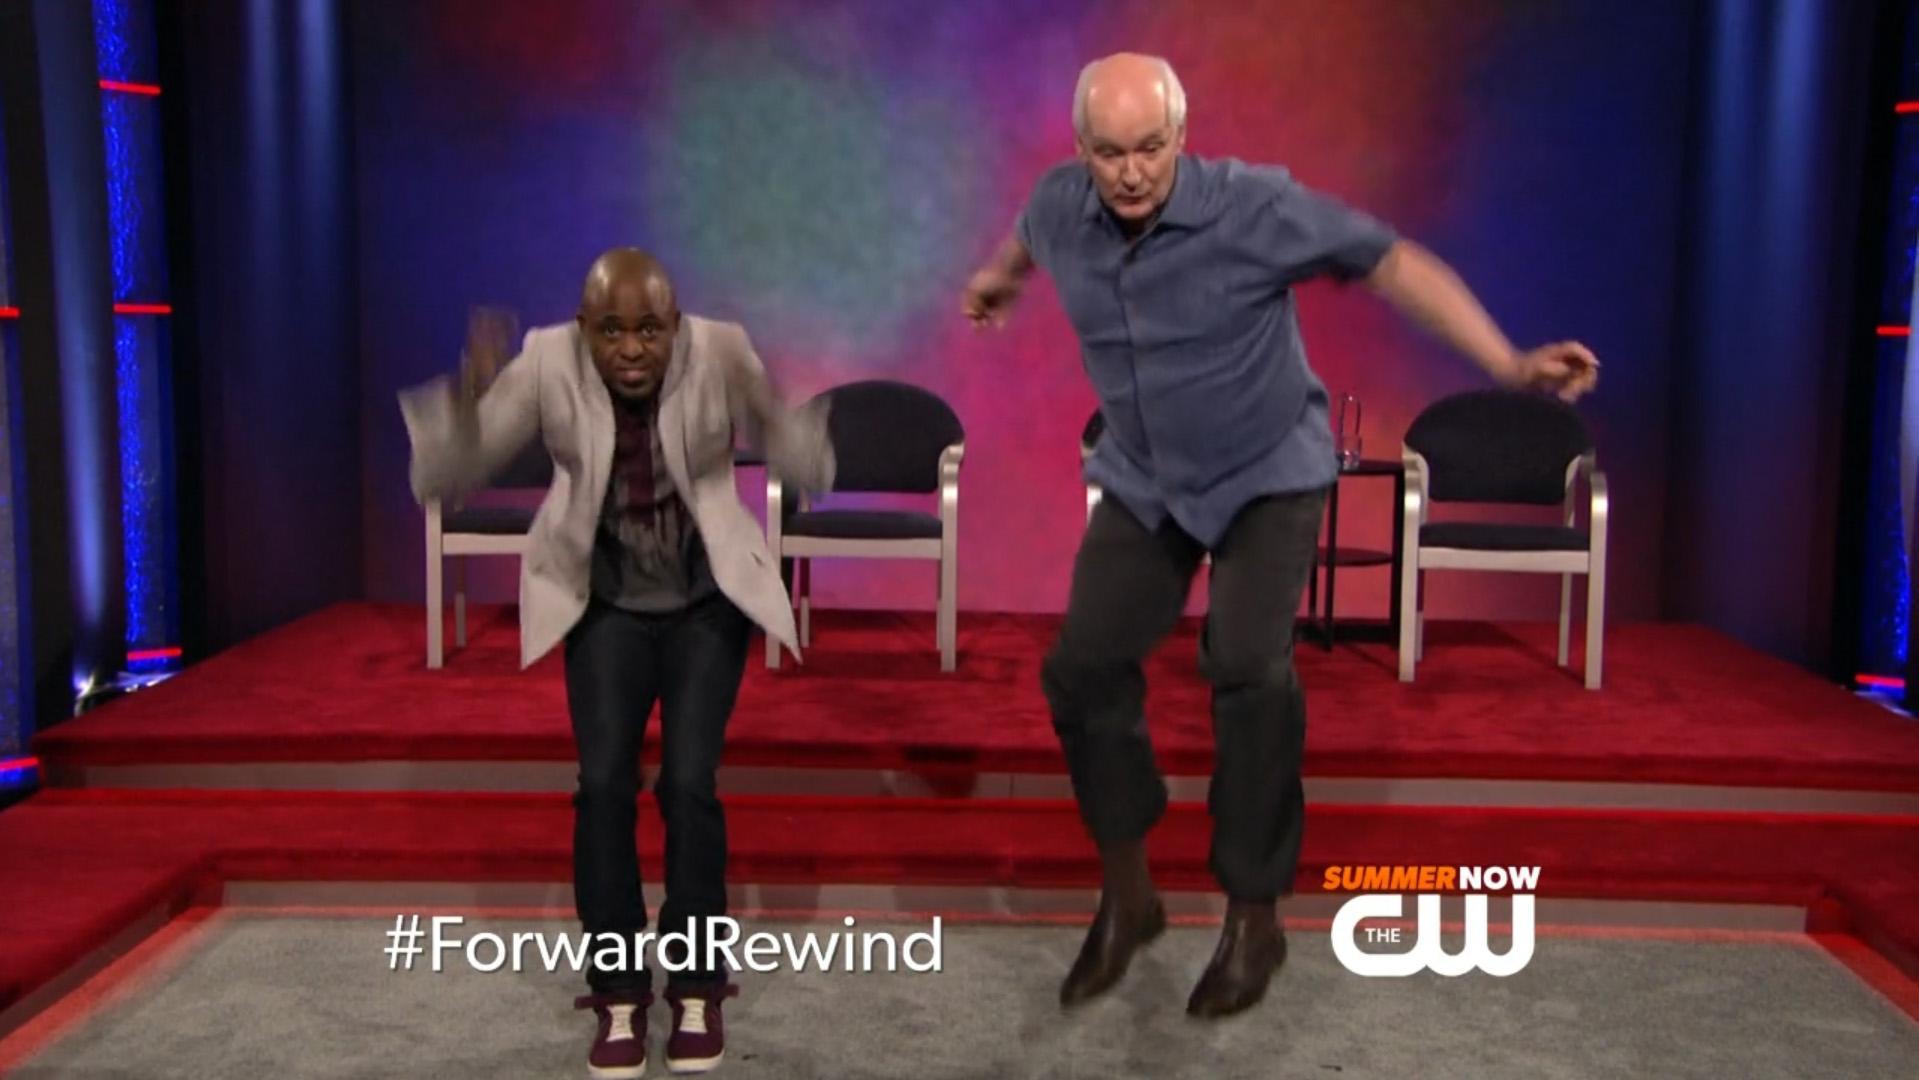 Forward Rewind